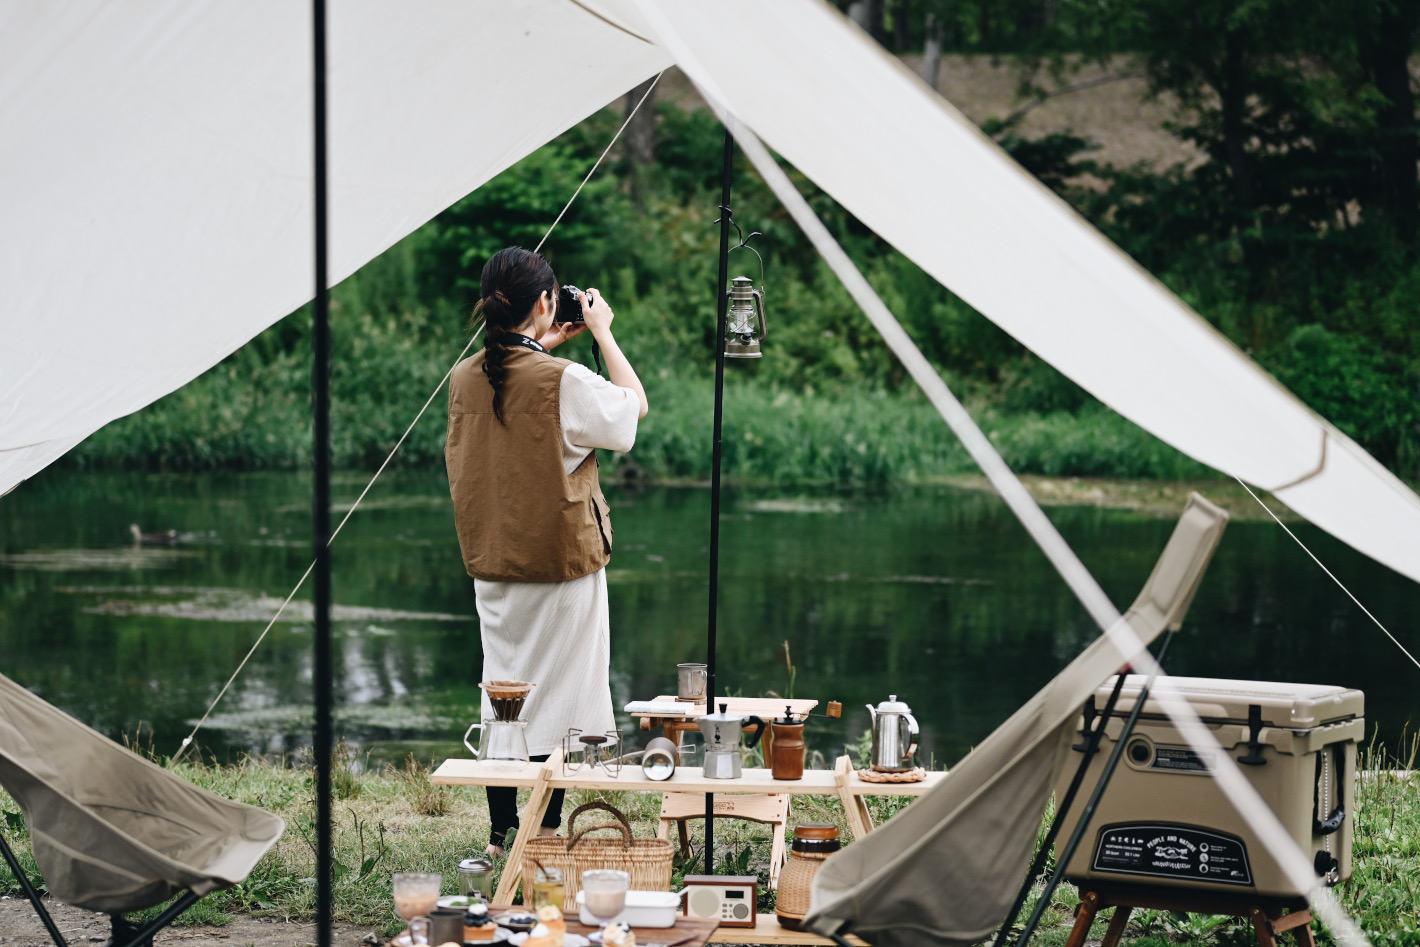 デイキャンプ撮影のススメ – キャンプ好きのデザイナーに学ぶ雰囲気を伝える撮影のコツと愛用ギア